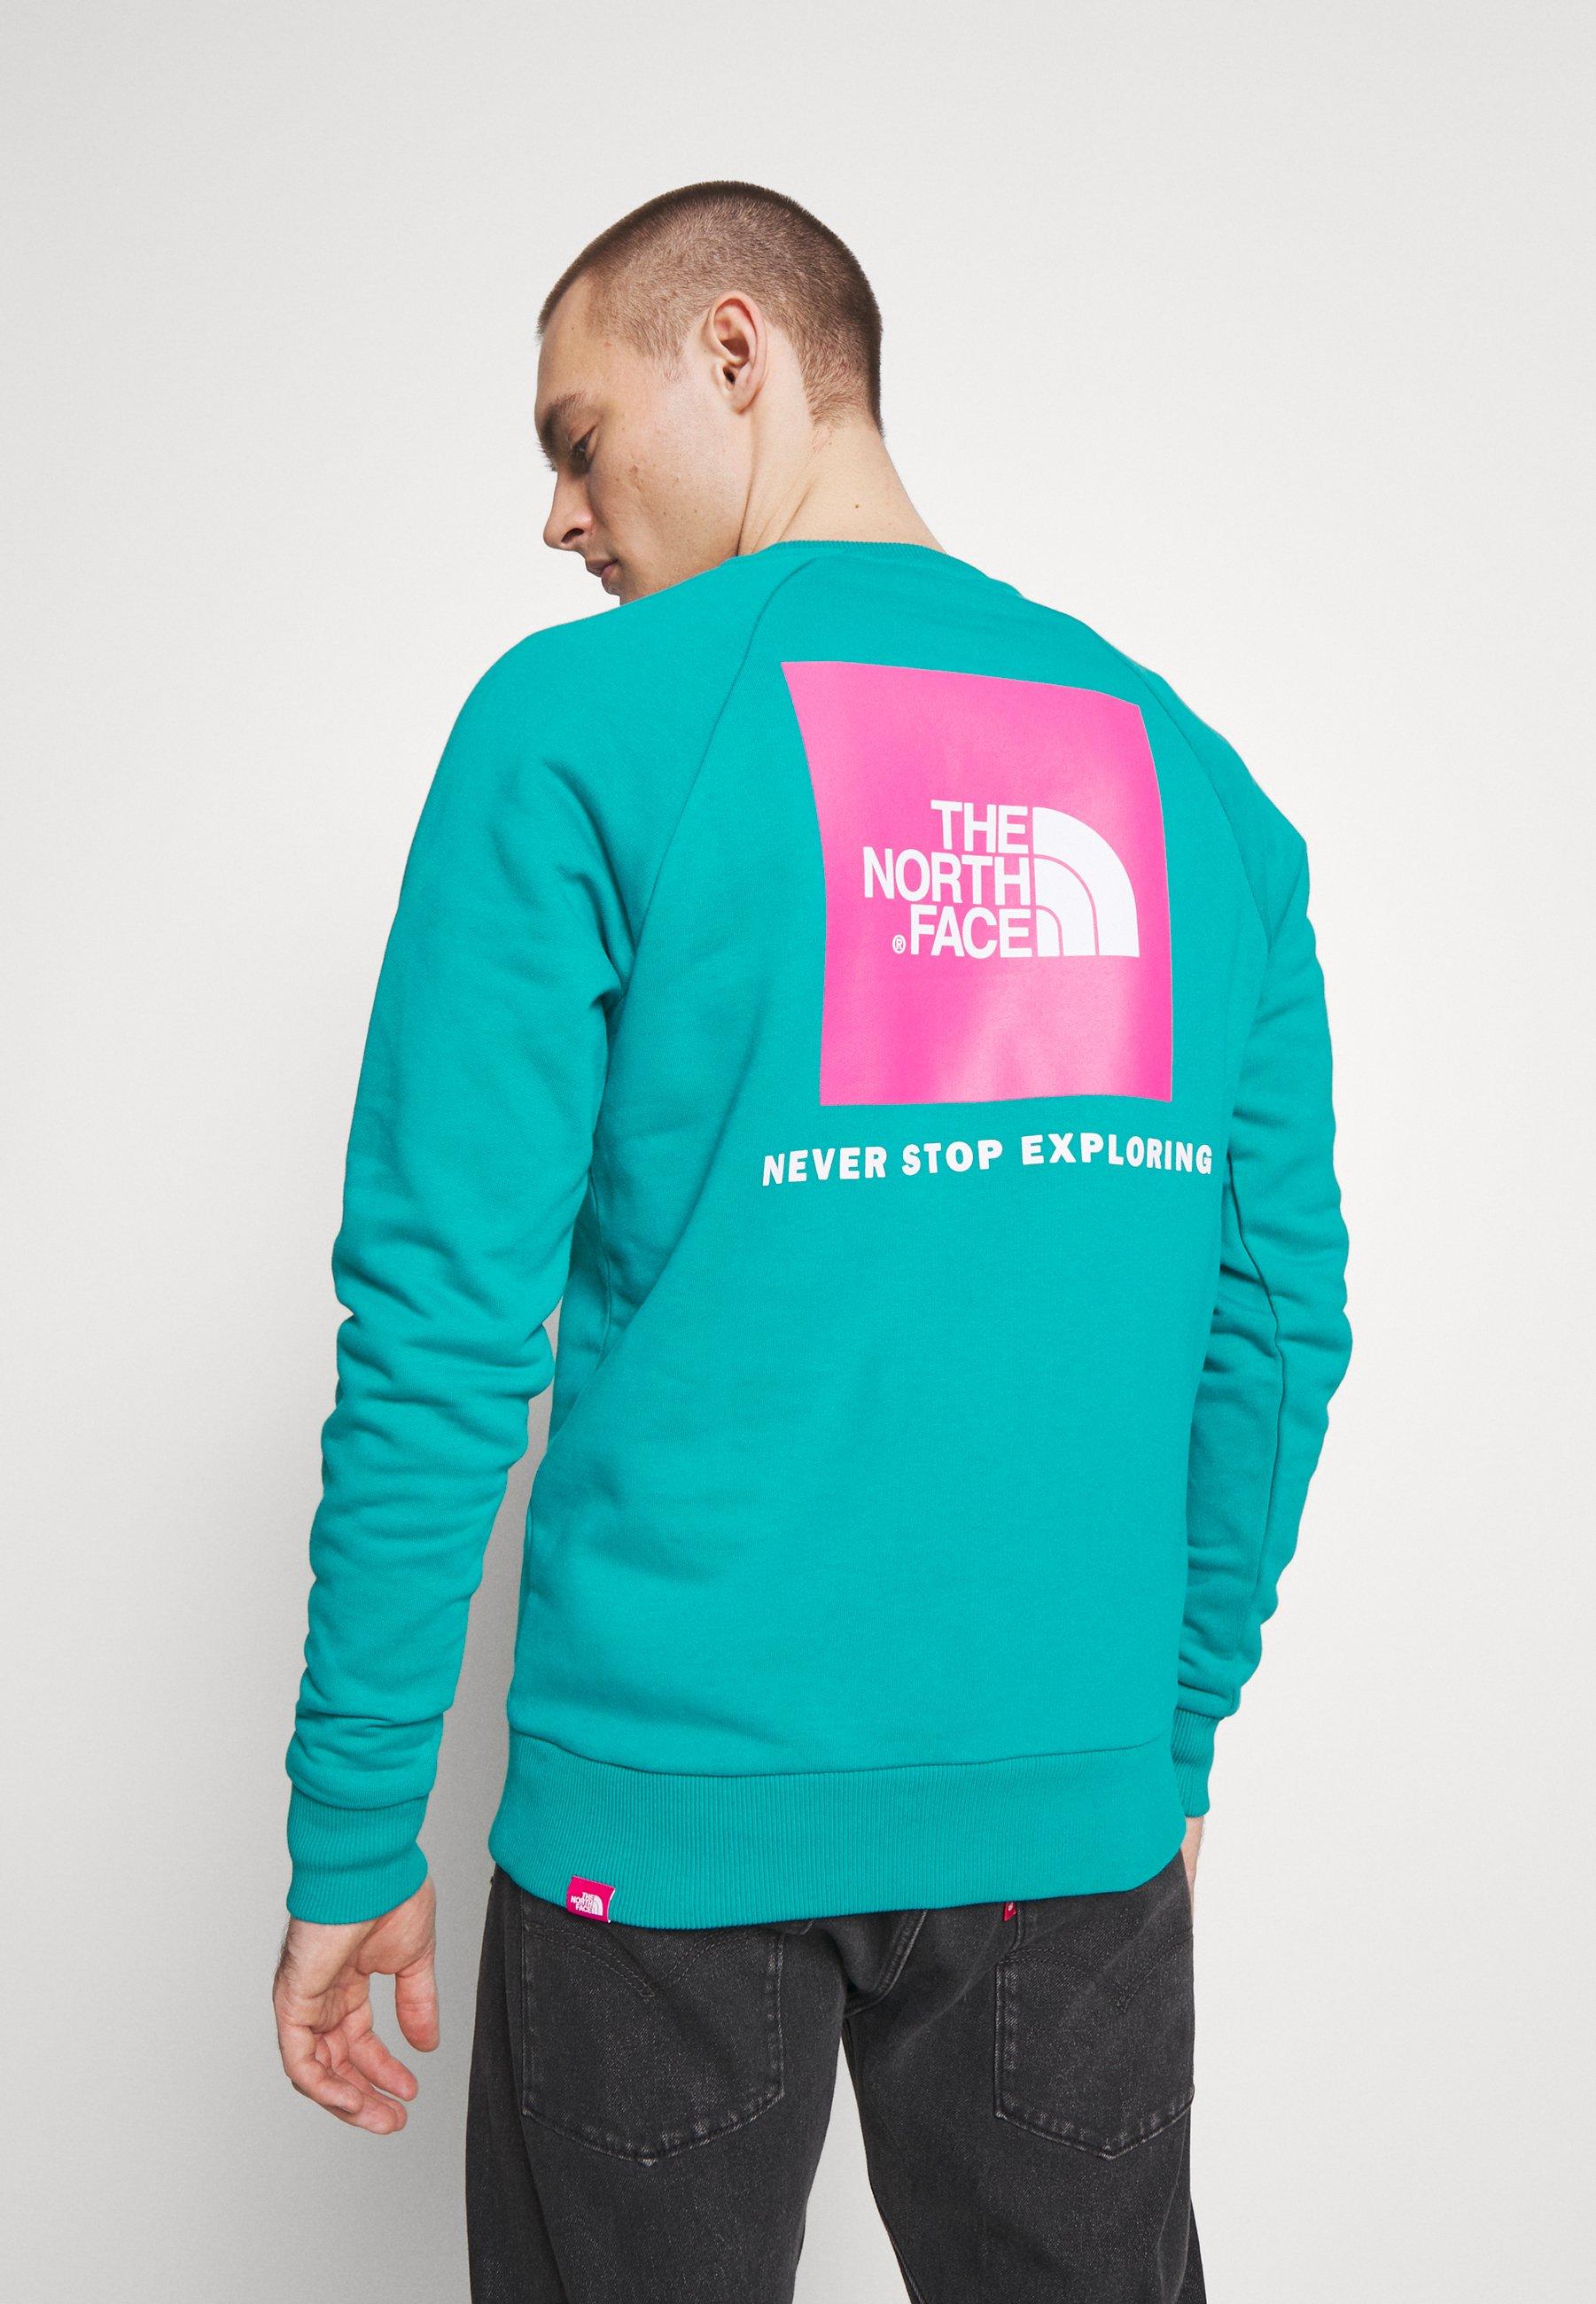 Korkealaatuinen Halpa Miesten vaatteet Sarja dfKJIUp97454sfGHYHD The North Face RAGLAN BOX CREW Collegepaita jaiden green